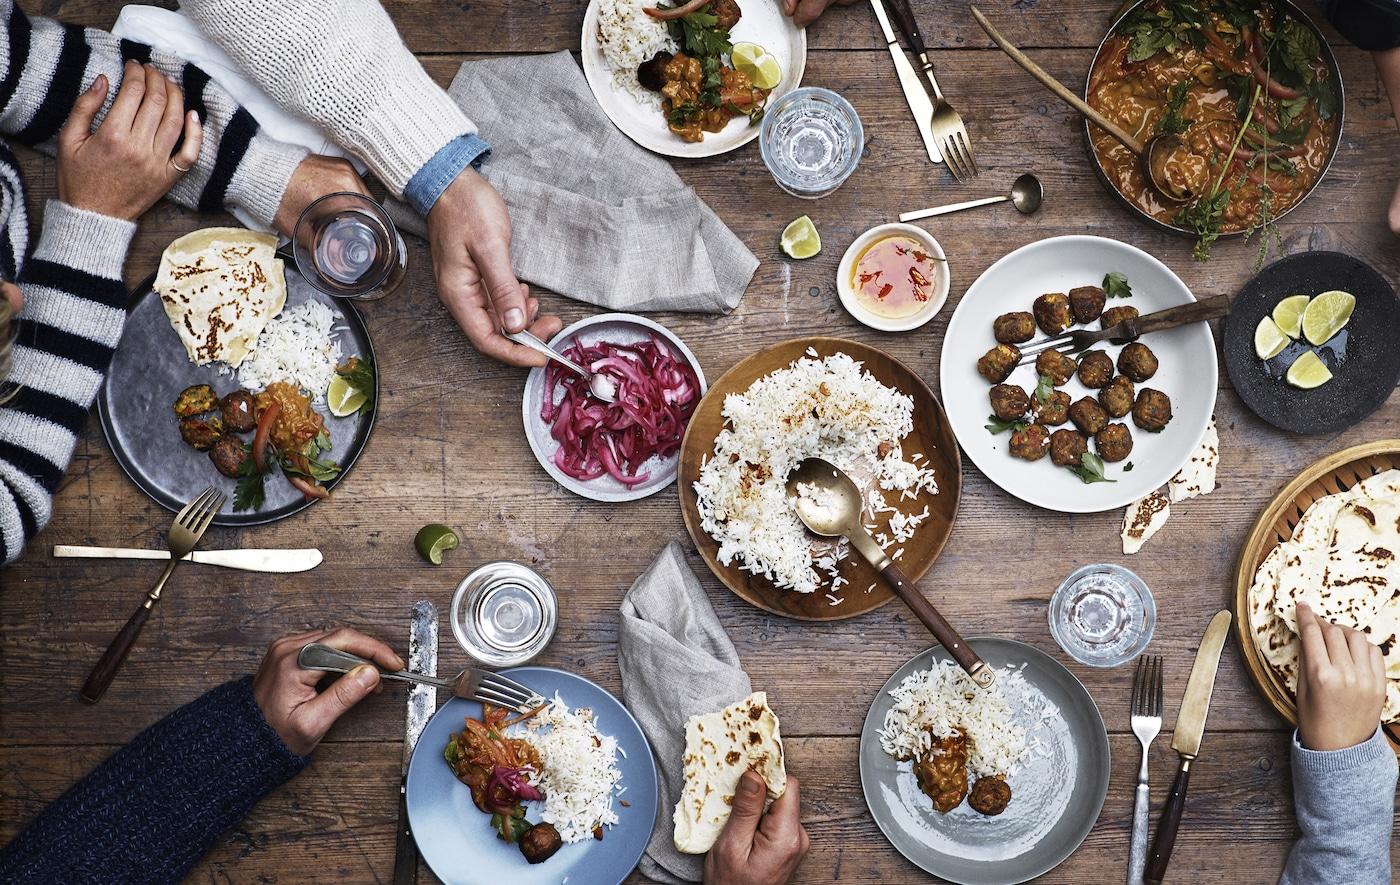 Gedeckter Tisch mit Gemüsebällchen, Reis & Curry auf einem Holztisch, viele Personen bedienen sich